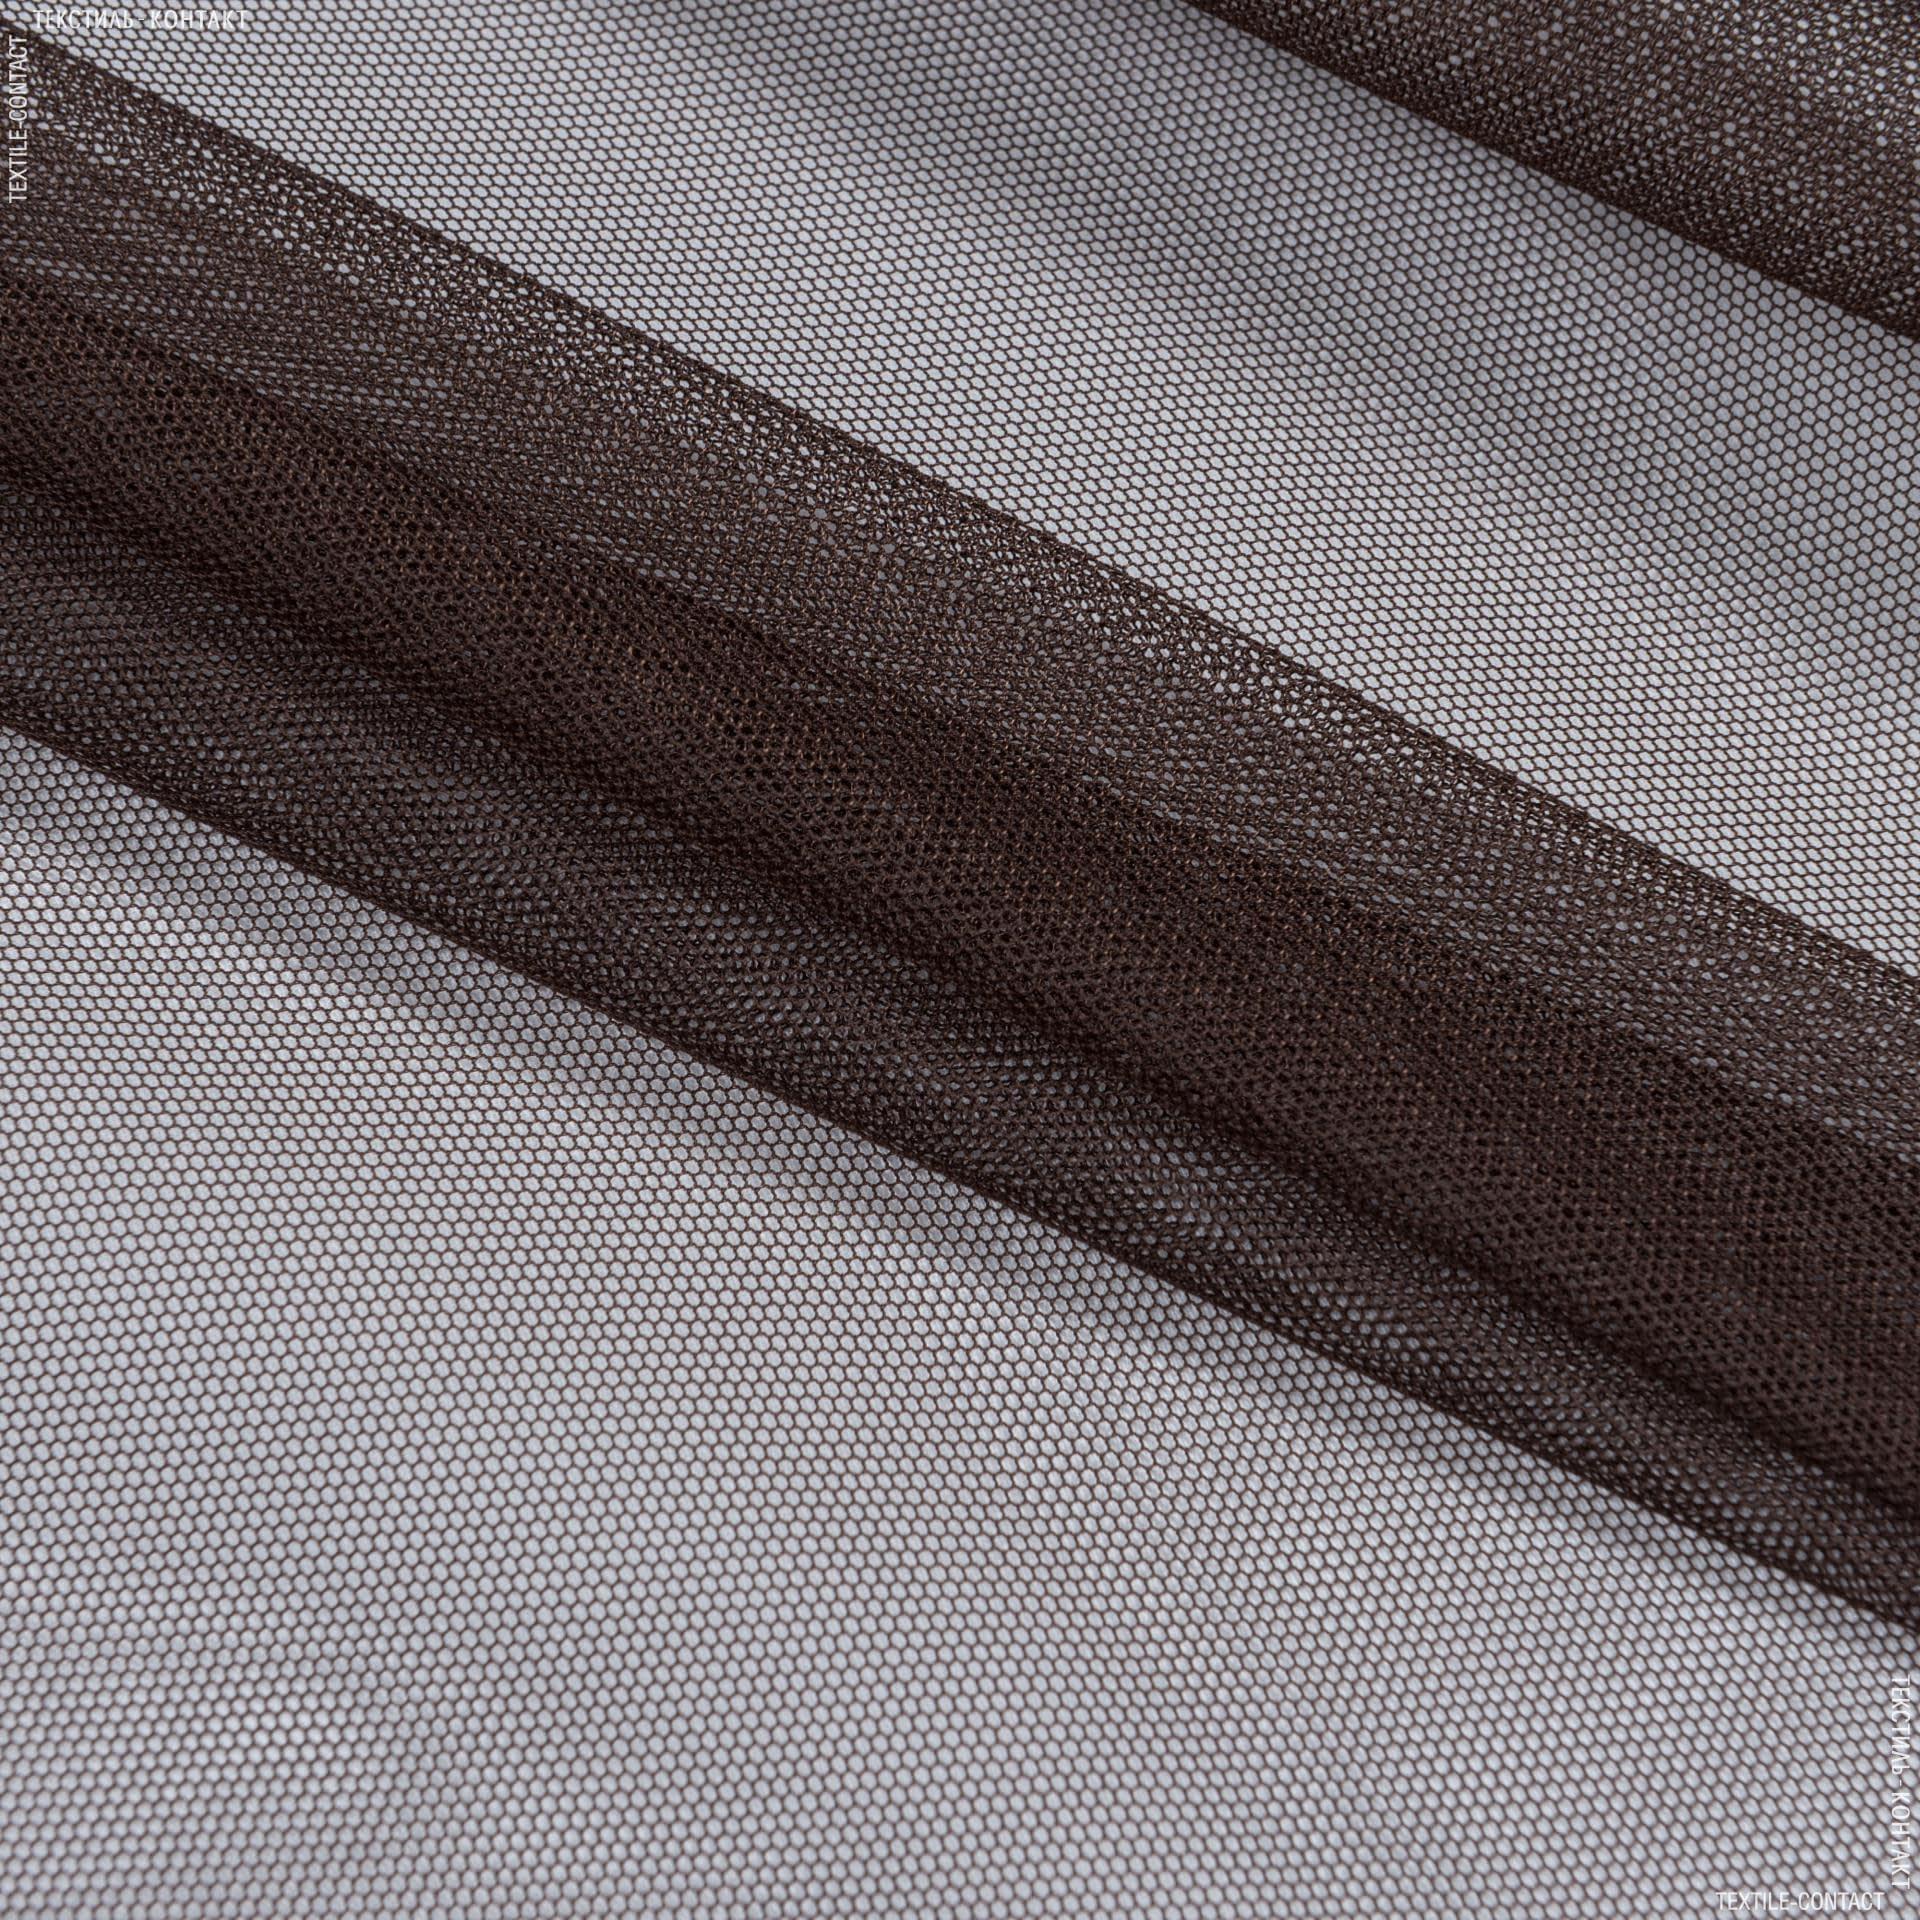 Тканини гардинні тканини - Тюль з обважнювачем сітка грек/grek шоколад